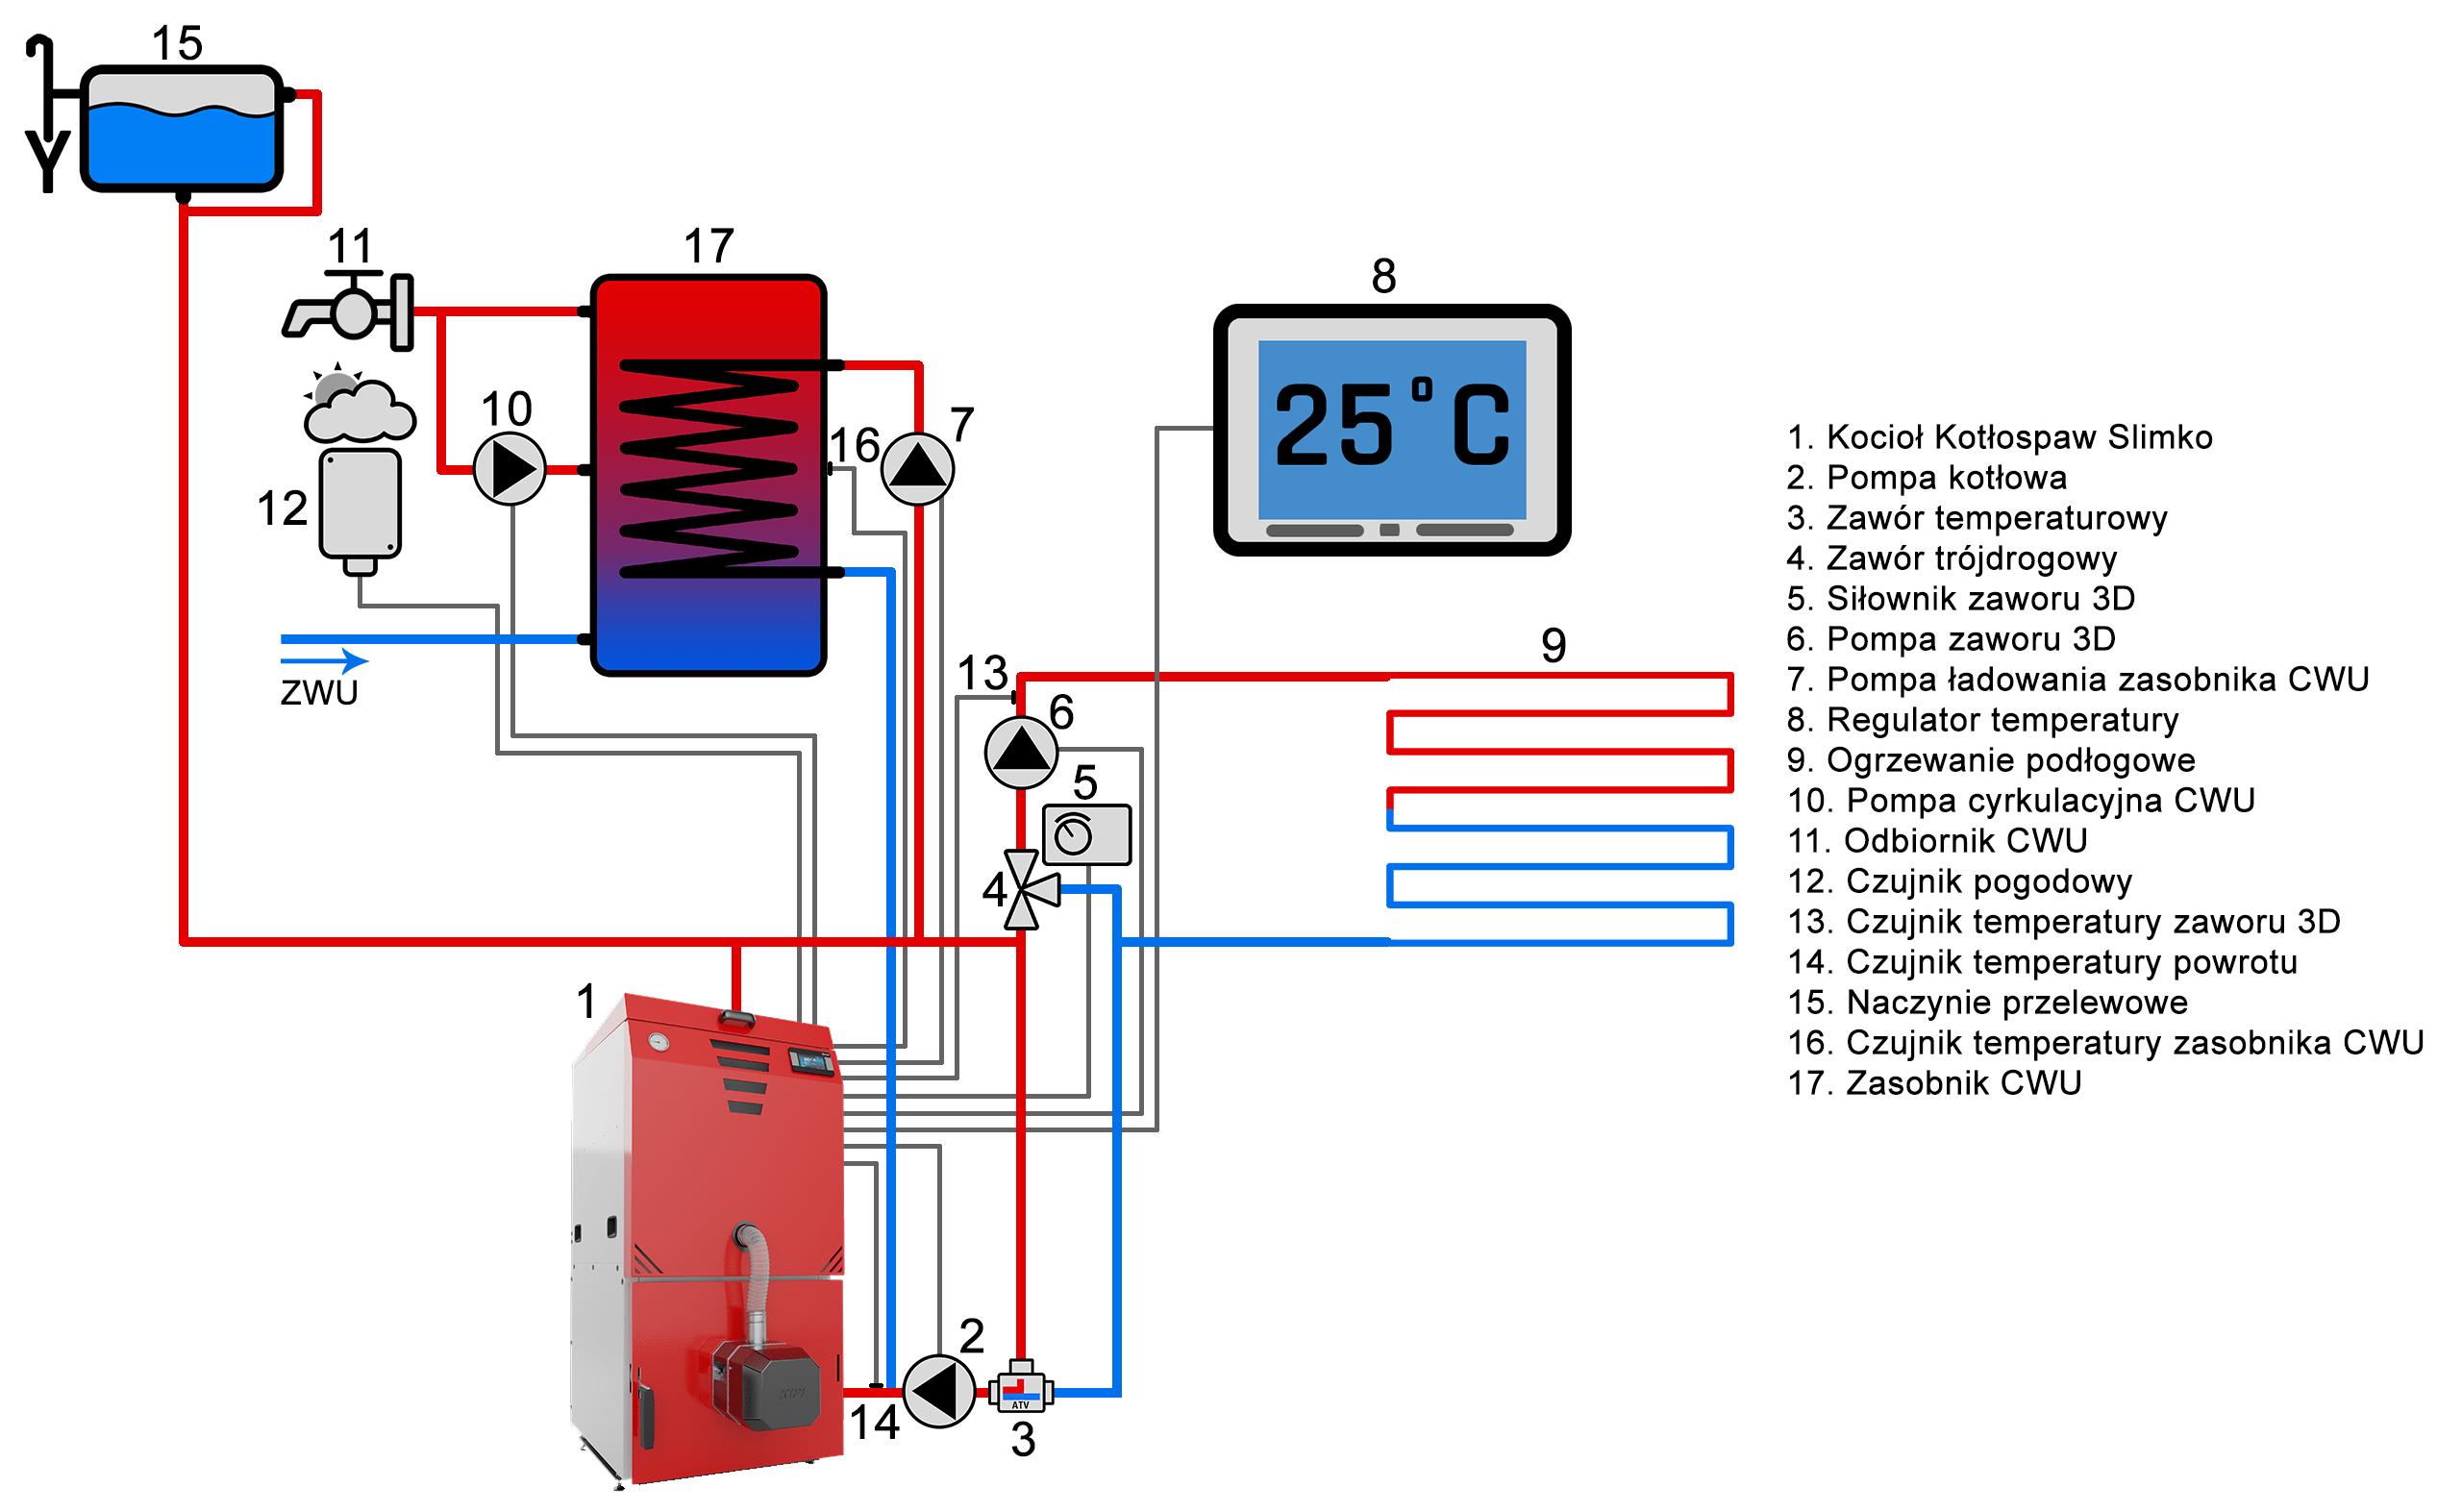 Kocioł w układzie otwartym z zaworem temperaturowym ATV 55*